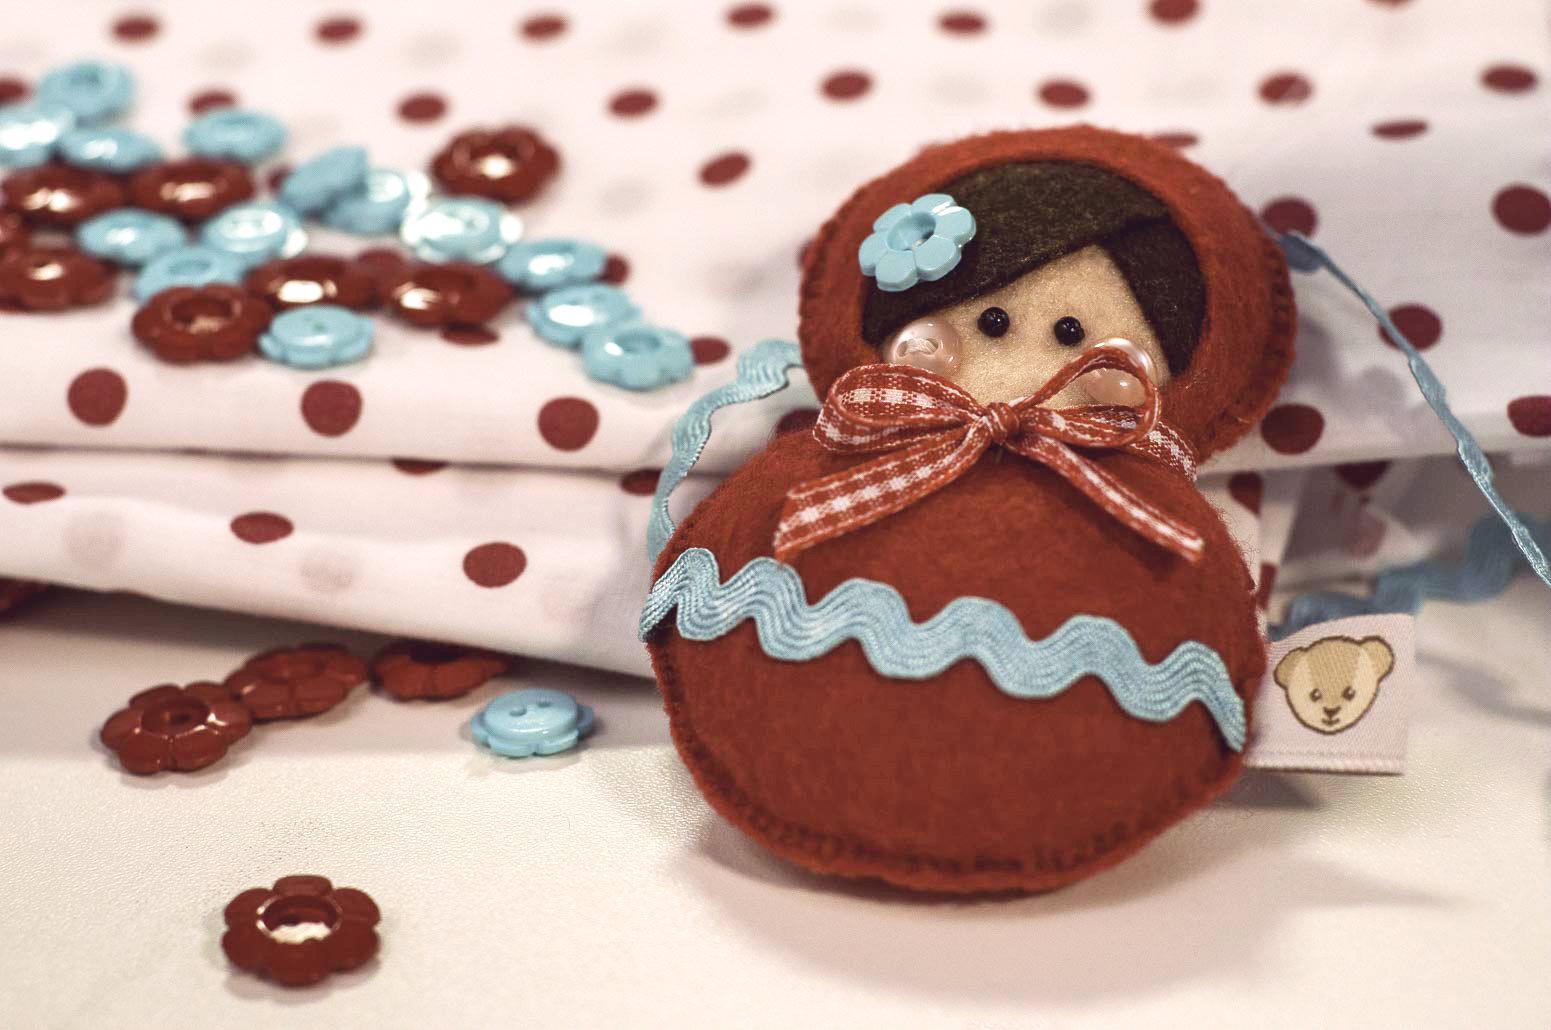 Matrioska, essas charmosas bonequinhas russas, serviram de inspiração para a artesã